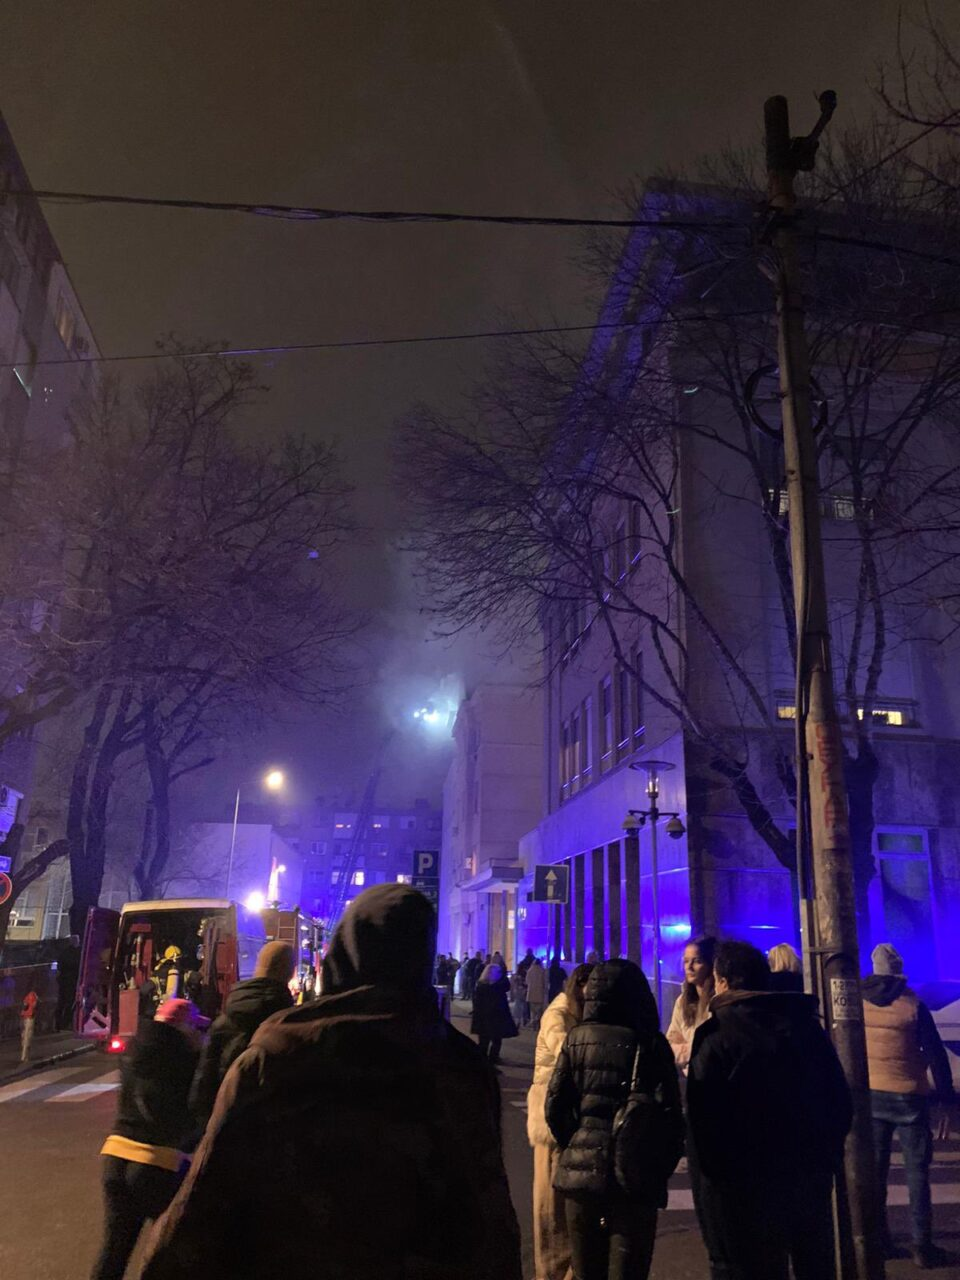 ЕВАКУАЦИЈА СРЕД БЕЛГРАД – веќе еден час се гаси пожар во станбена зграда, еве ги деталите (ФОТО+ВИДЕО)